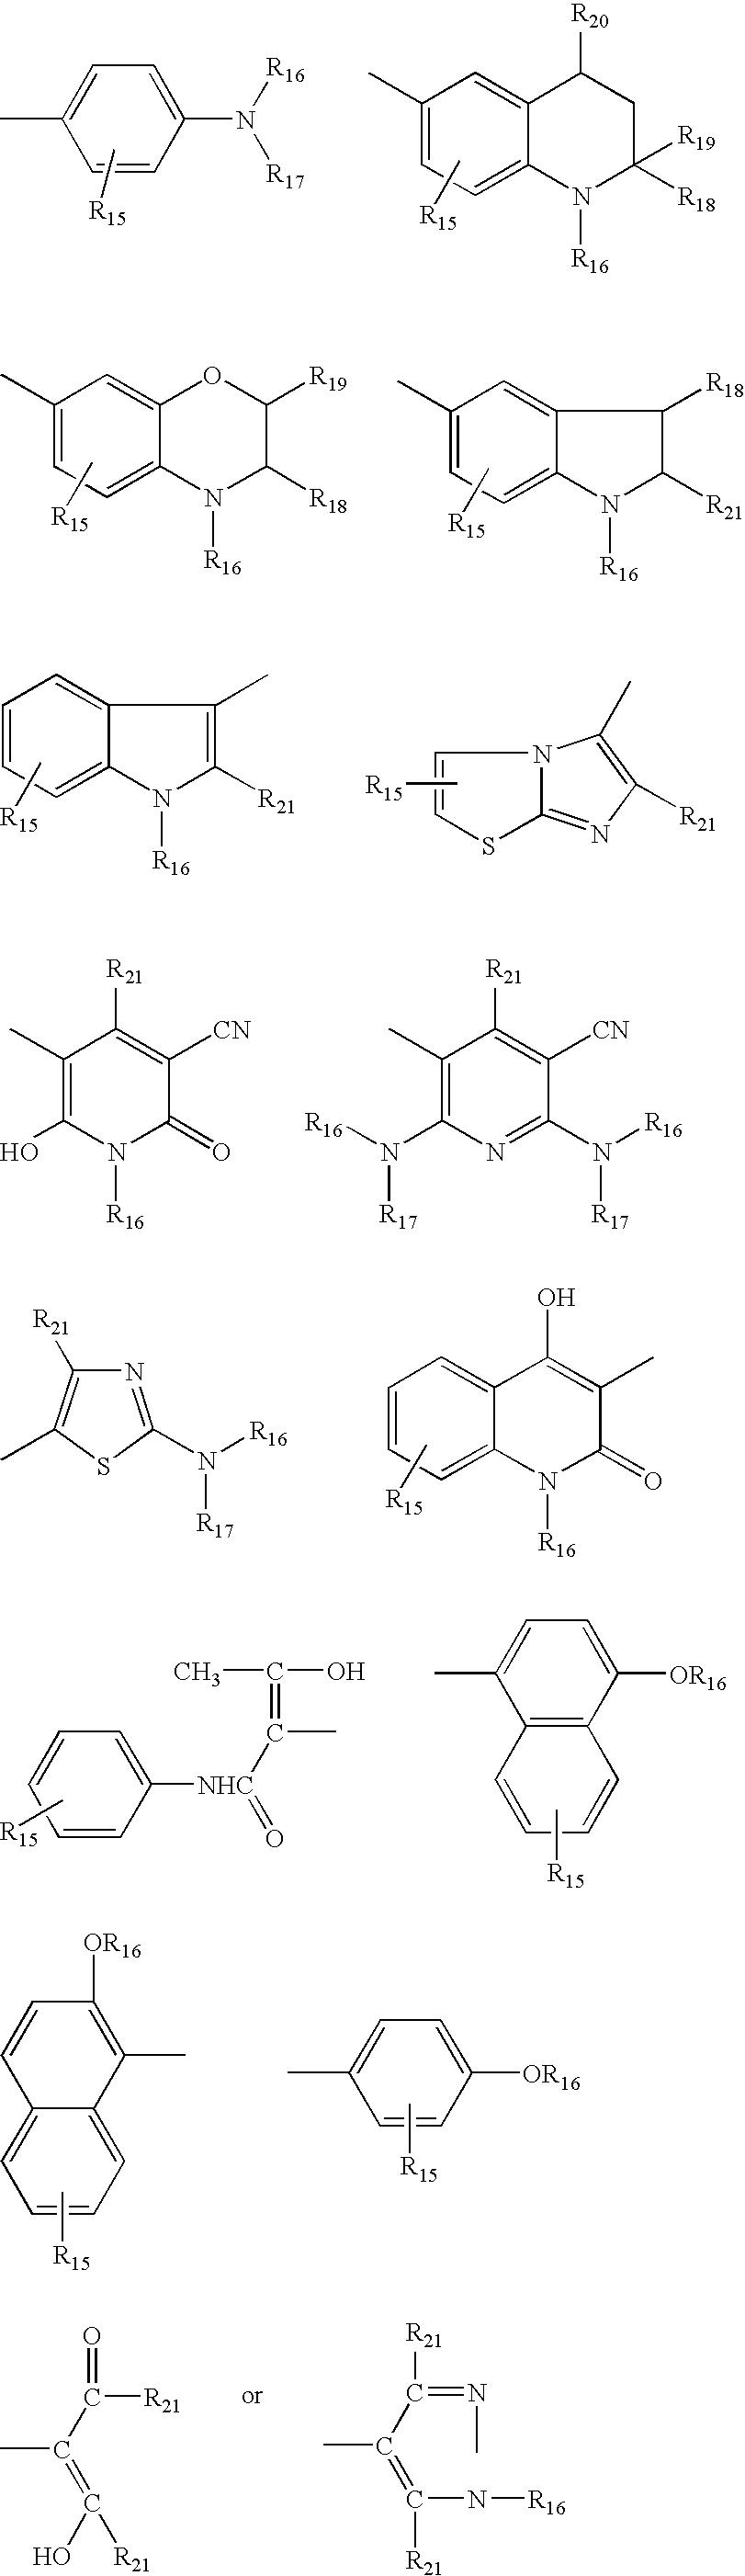 Figure US07138539-20061121-C00014